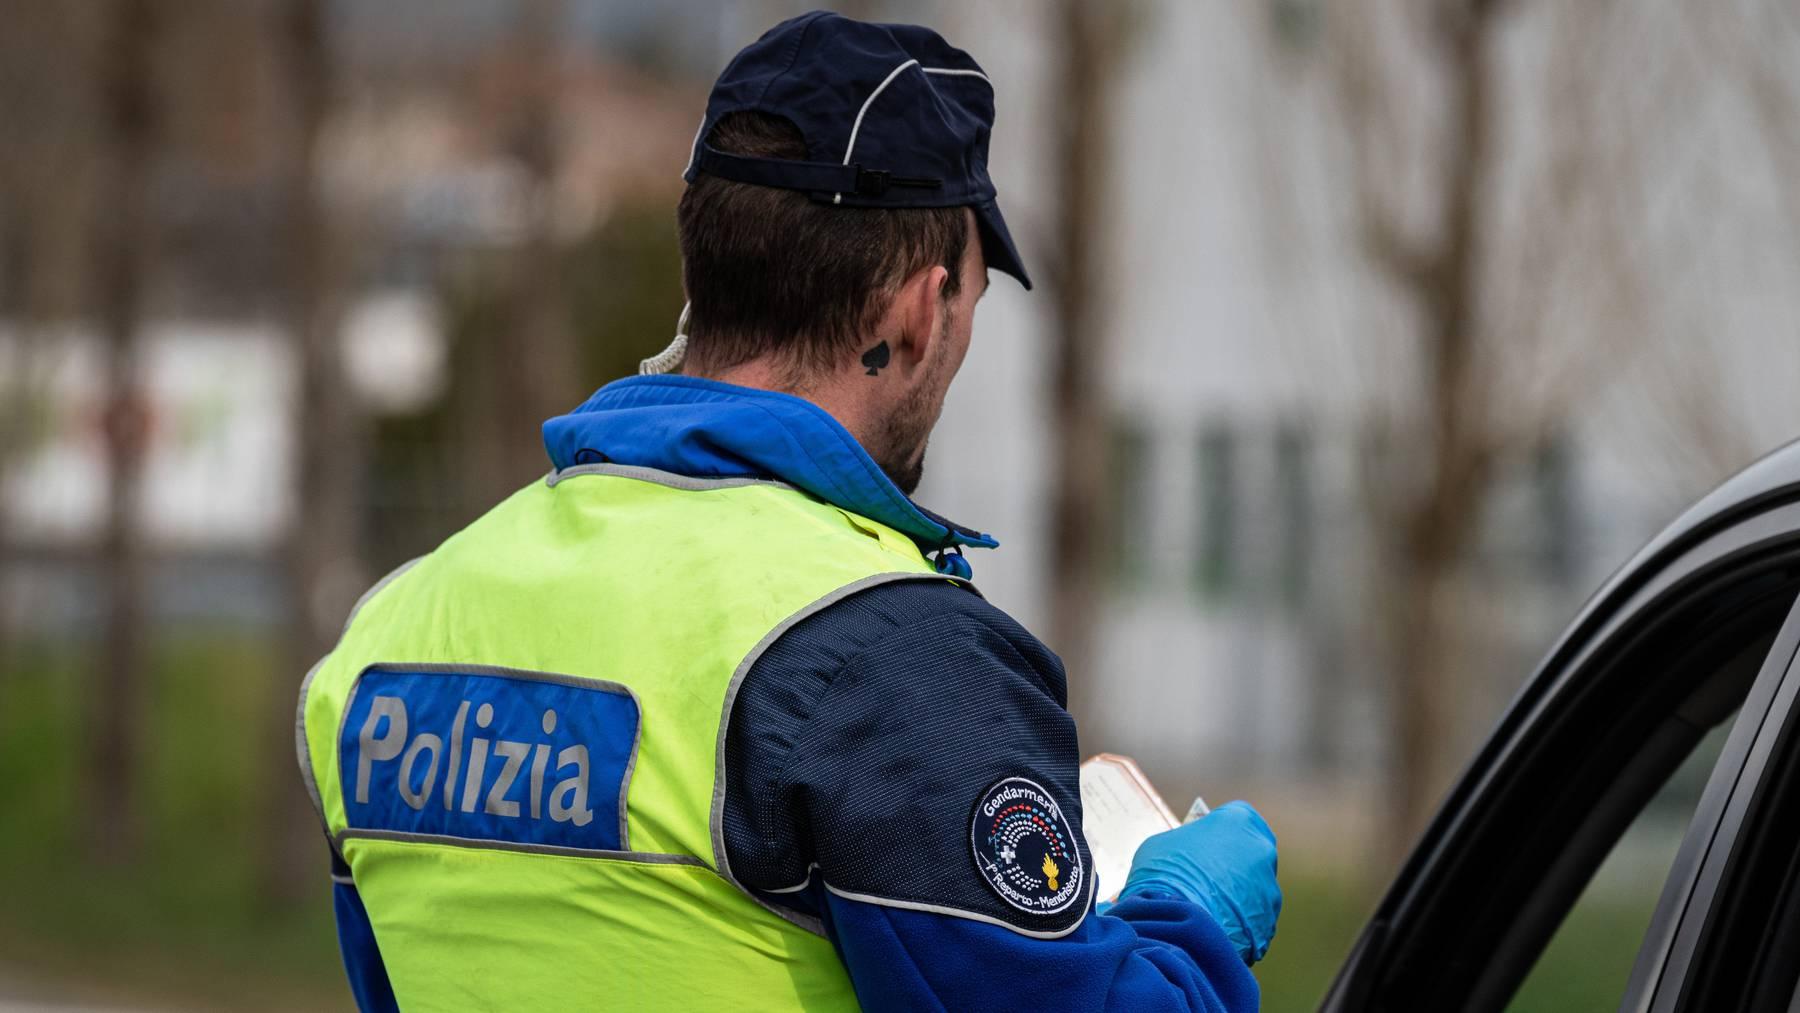 Die Kantonspolizei meldete am Samstag die Verhaftung eines 80-jährigen Priesters. (Symbolbild)